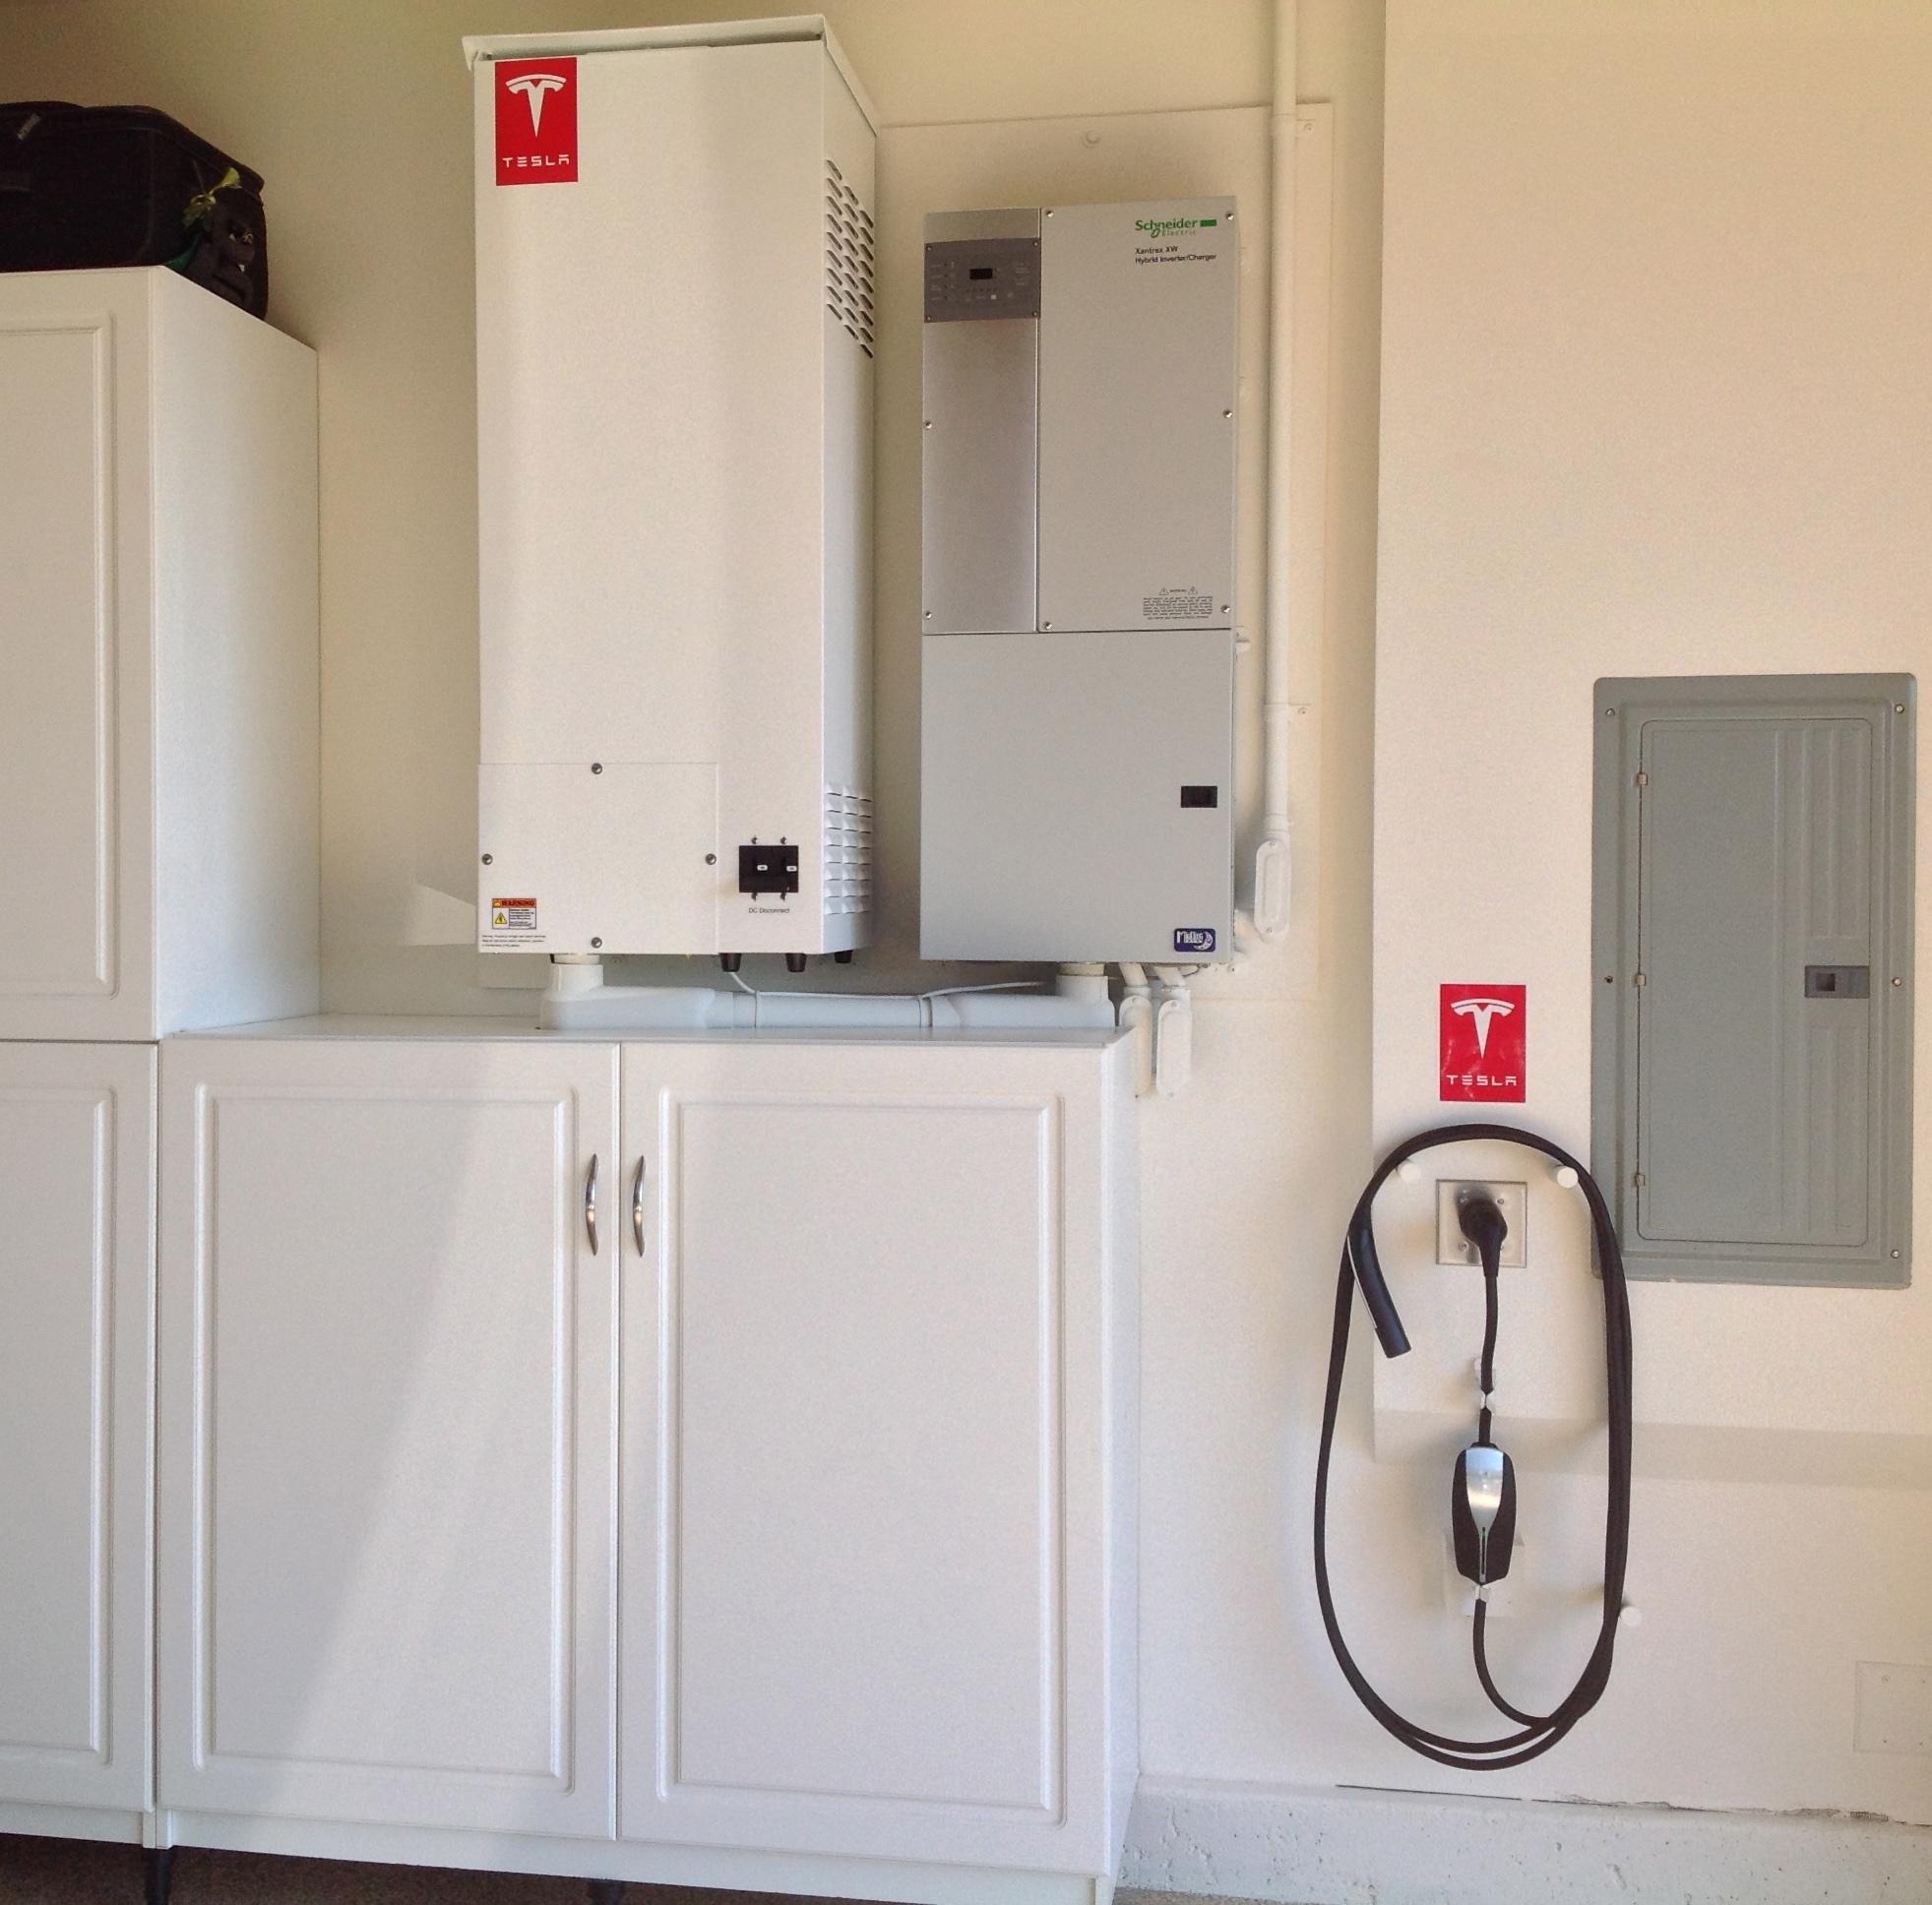 Tesla une batterie pour votre maison d cisions durables for Concevez et construisez votre propre maison en ligne